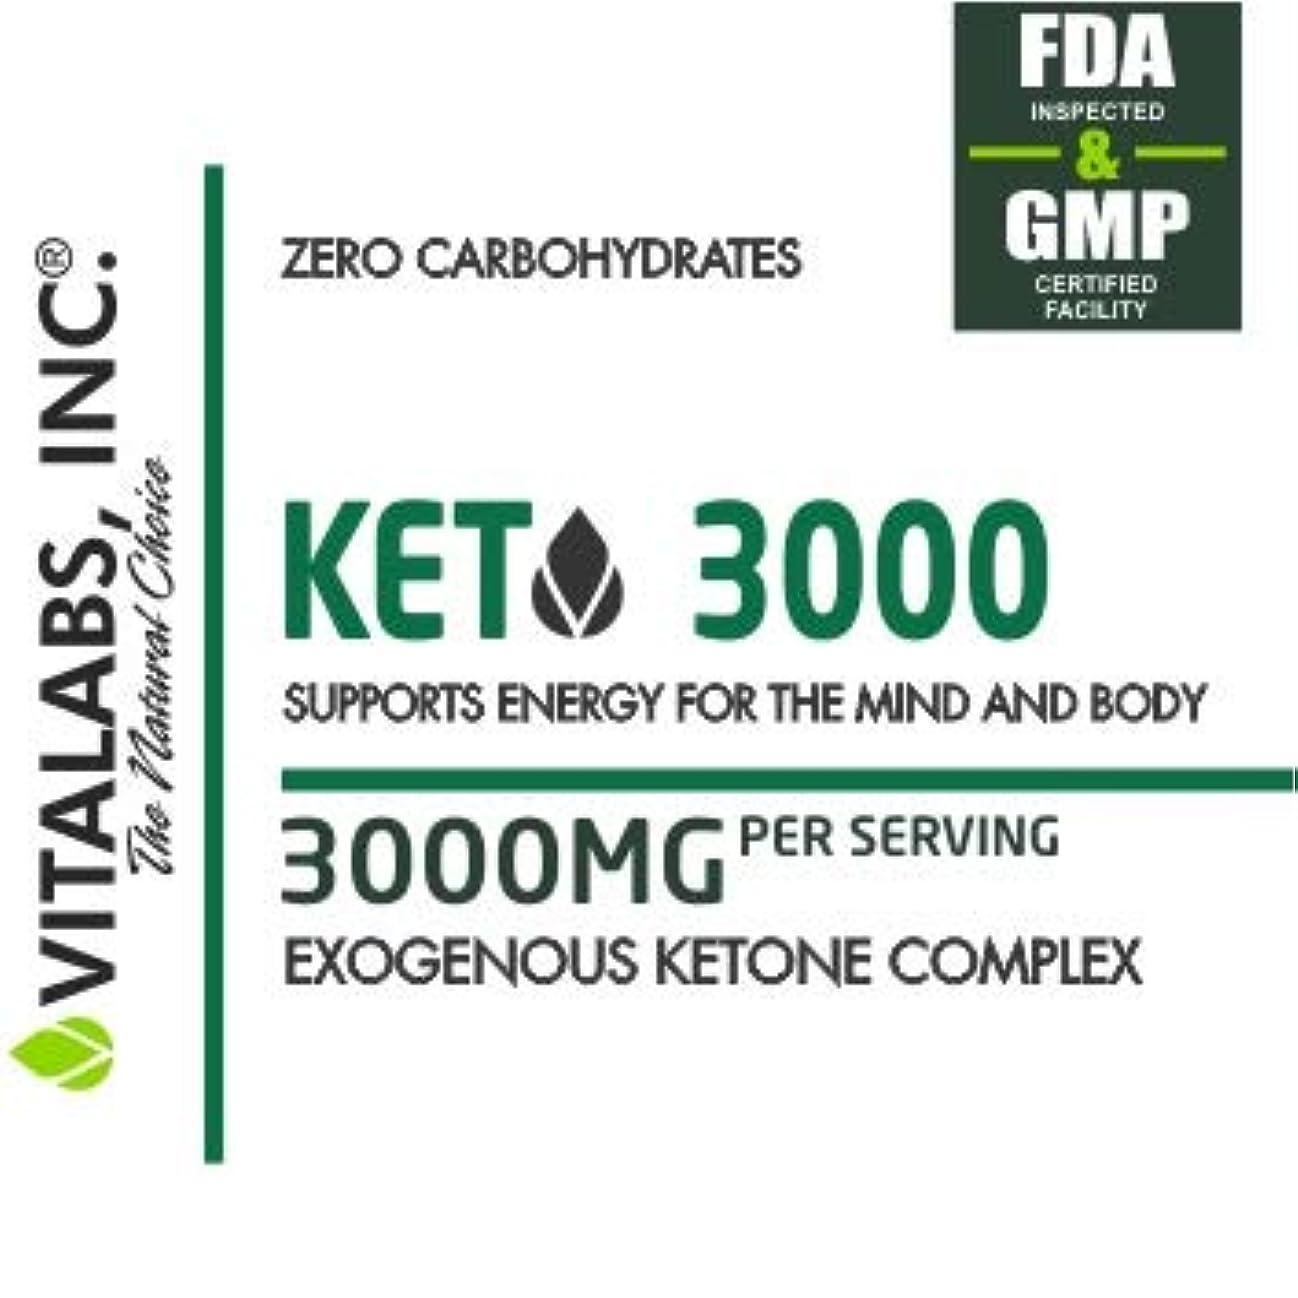 野心それに応じてポータブル低炭水化物状態を作る/ケトジェニックダイエットサポートサプリメント KETO 3000/ Vitalabs 【アメリカより直送】】 (240カプセル(60回分))